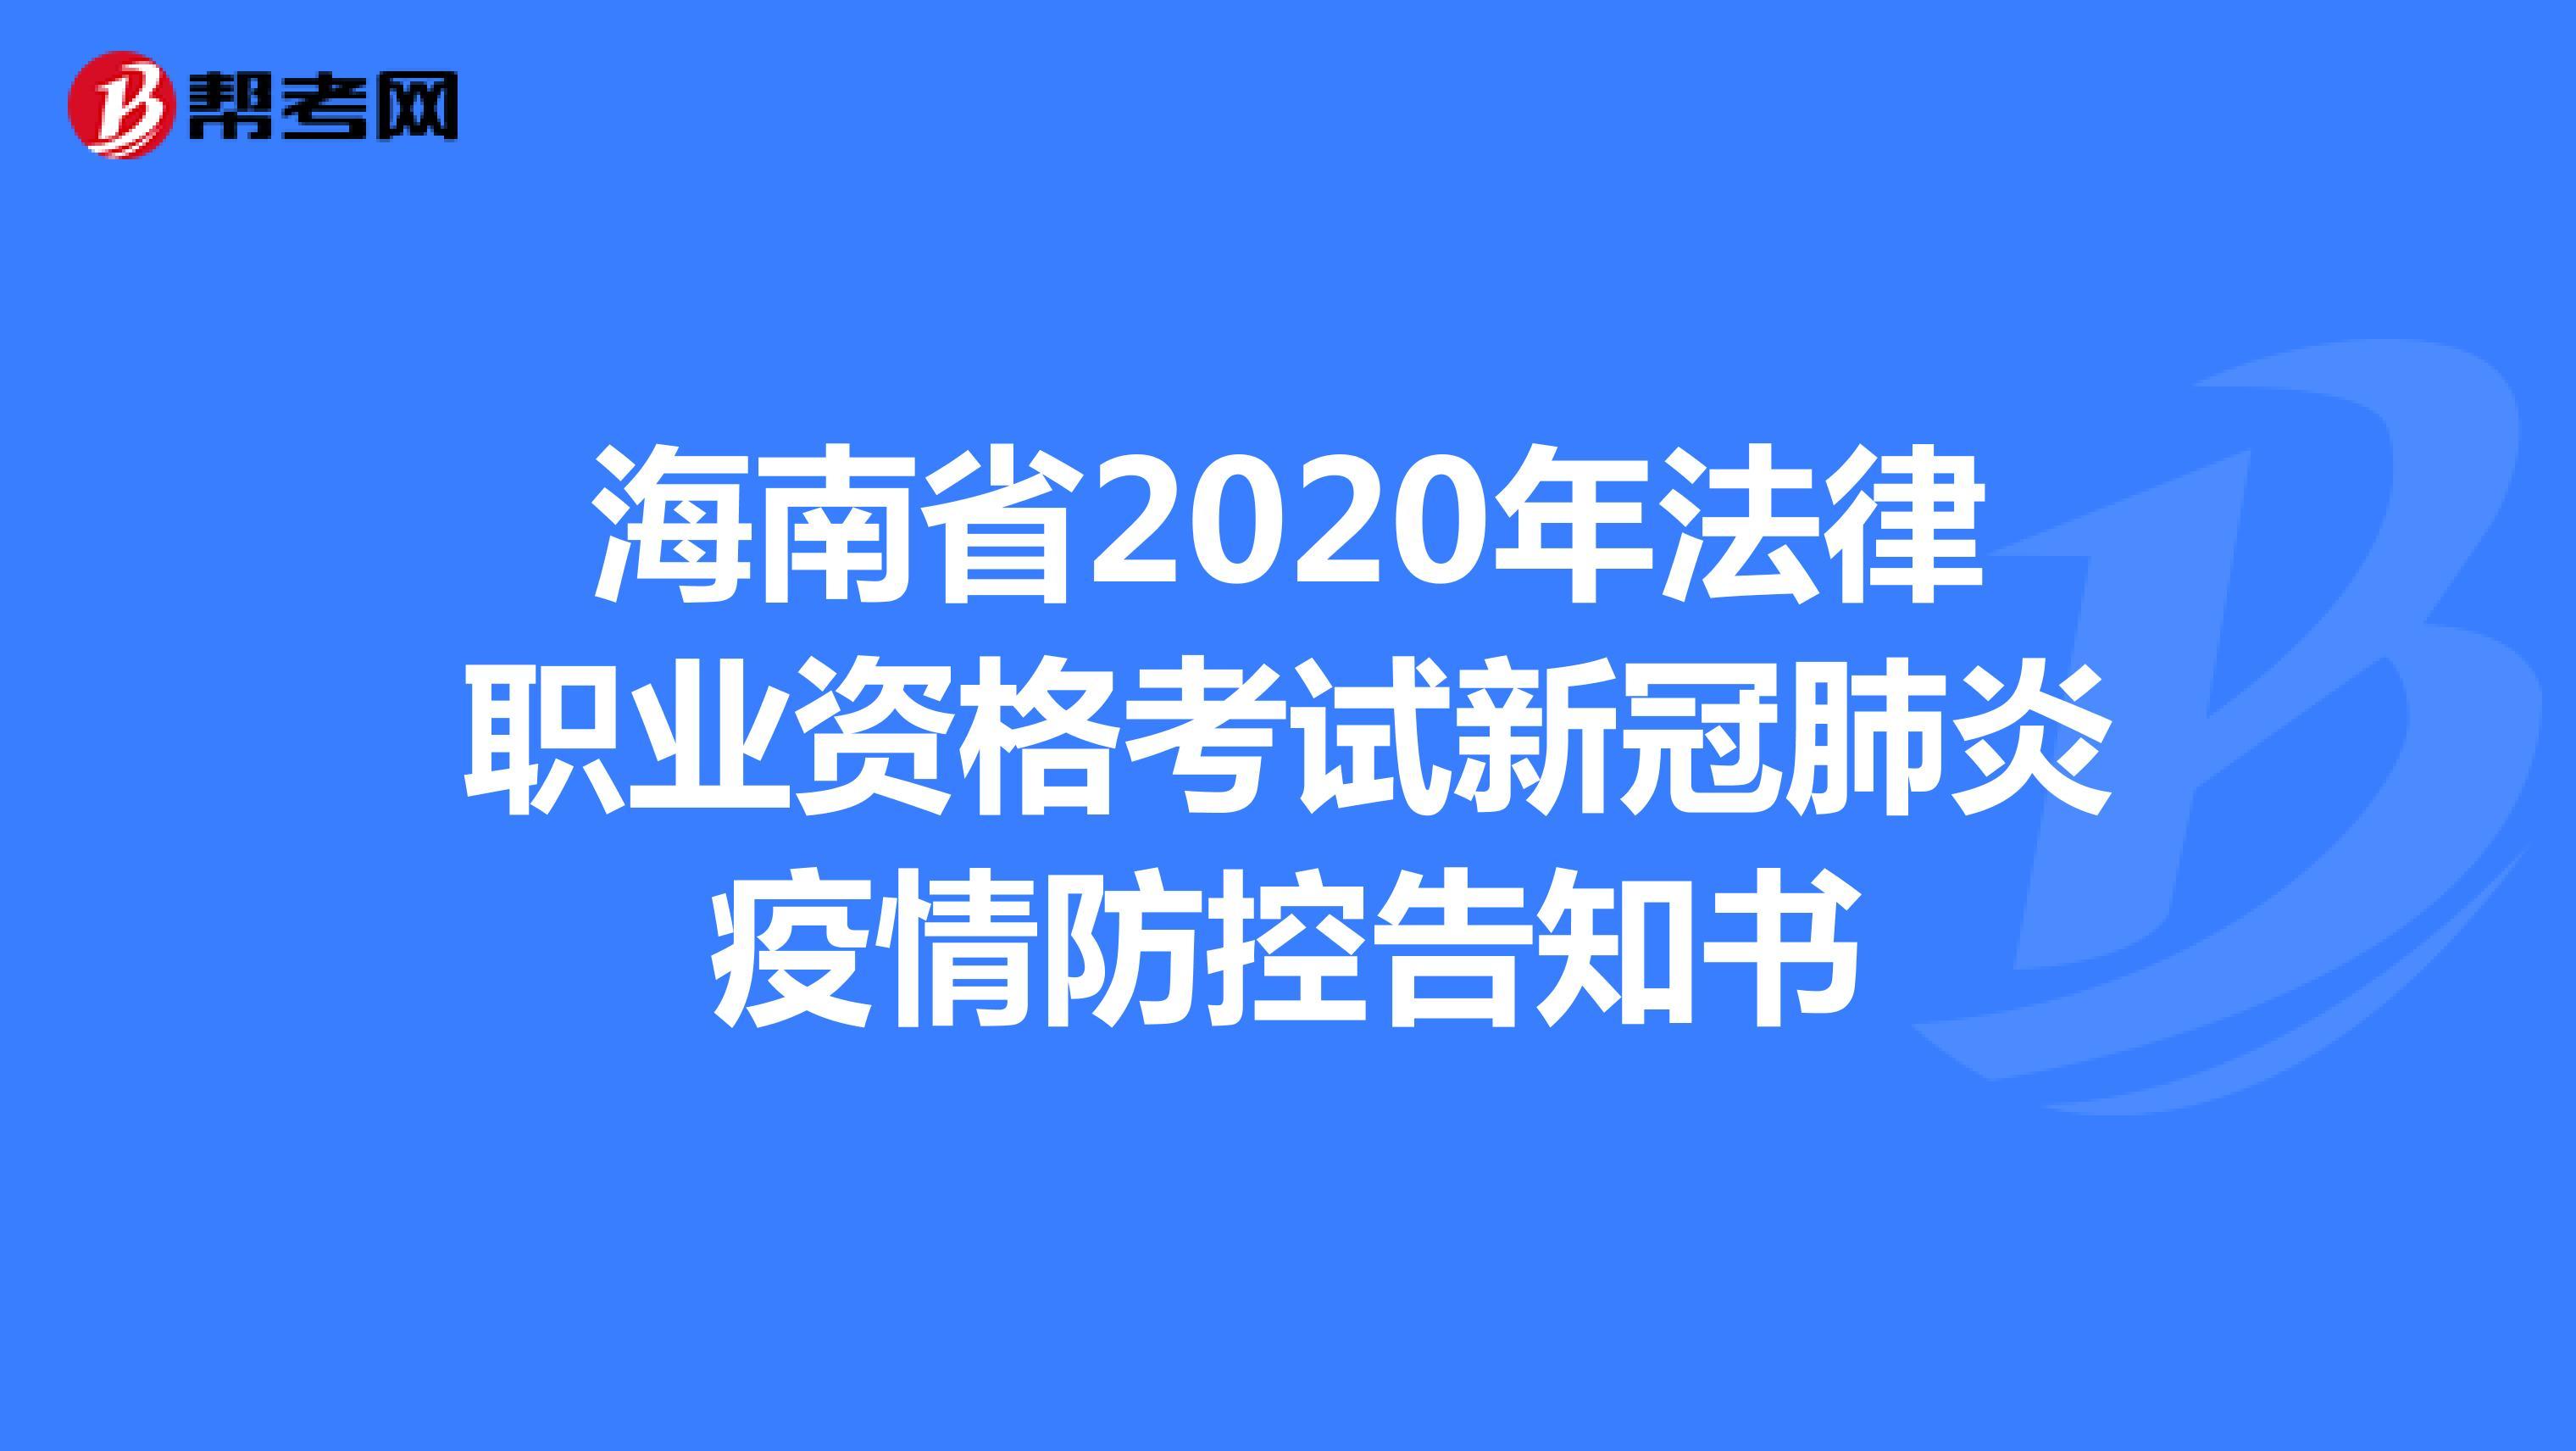 海南省2020年法律职业资格考试新冠肺炎疫情防控告知书